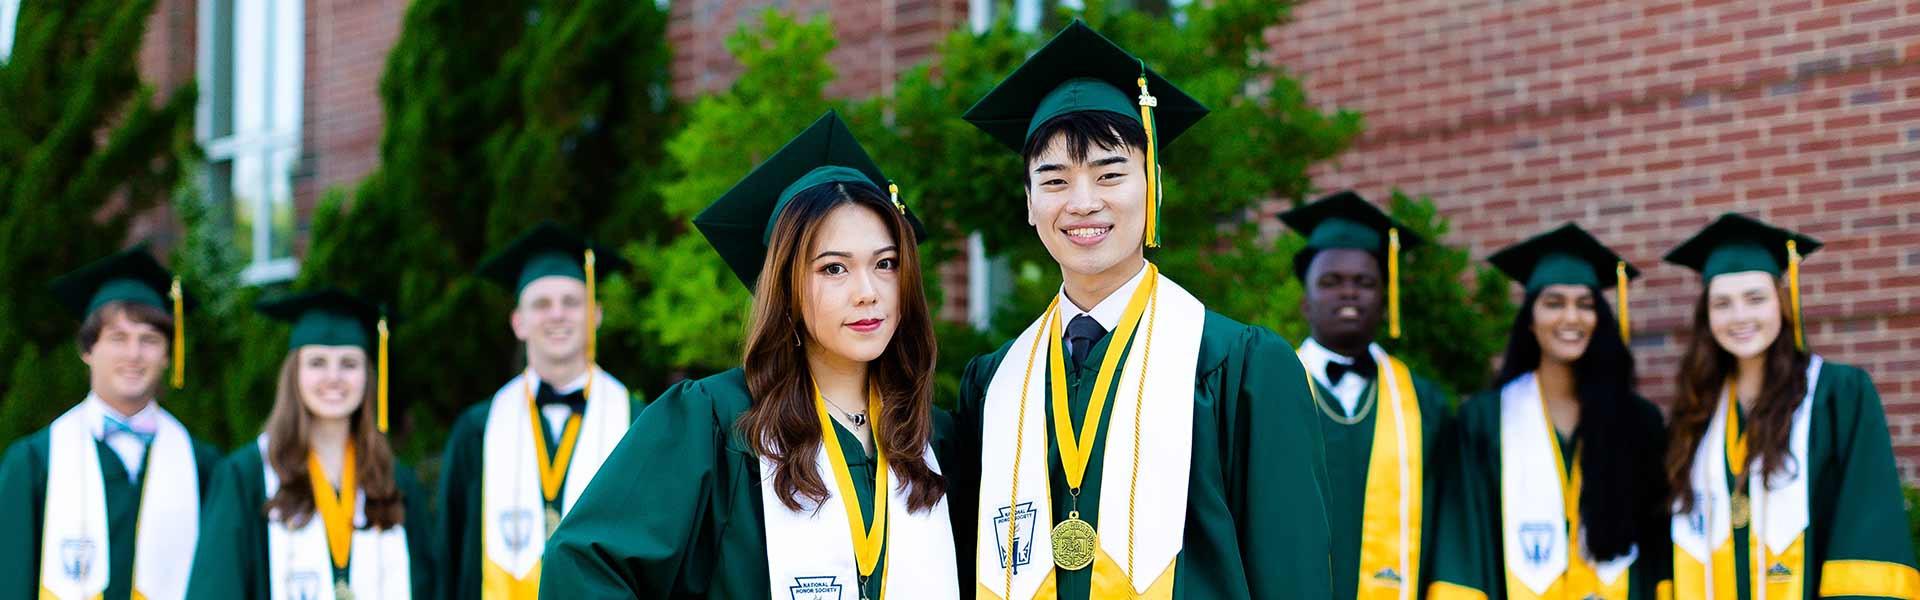 BenLippen-USA-SC-Graduation-Banner